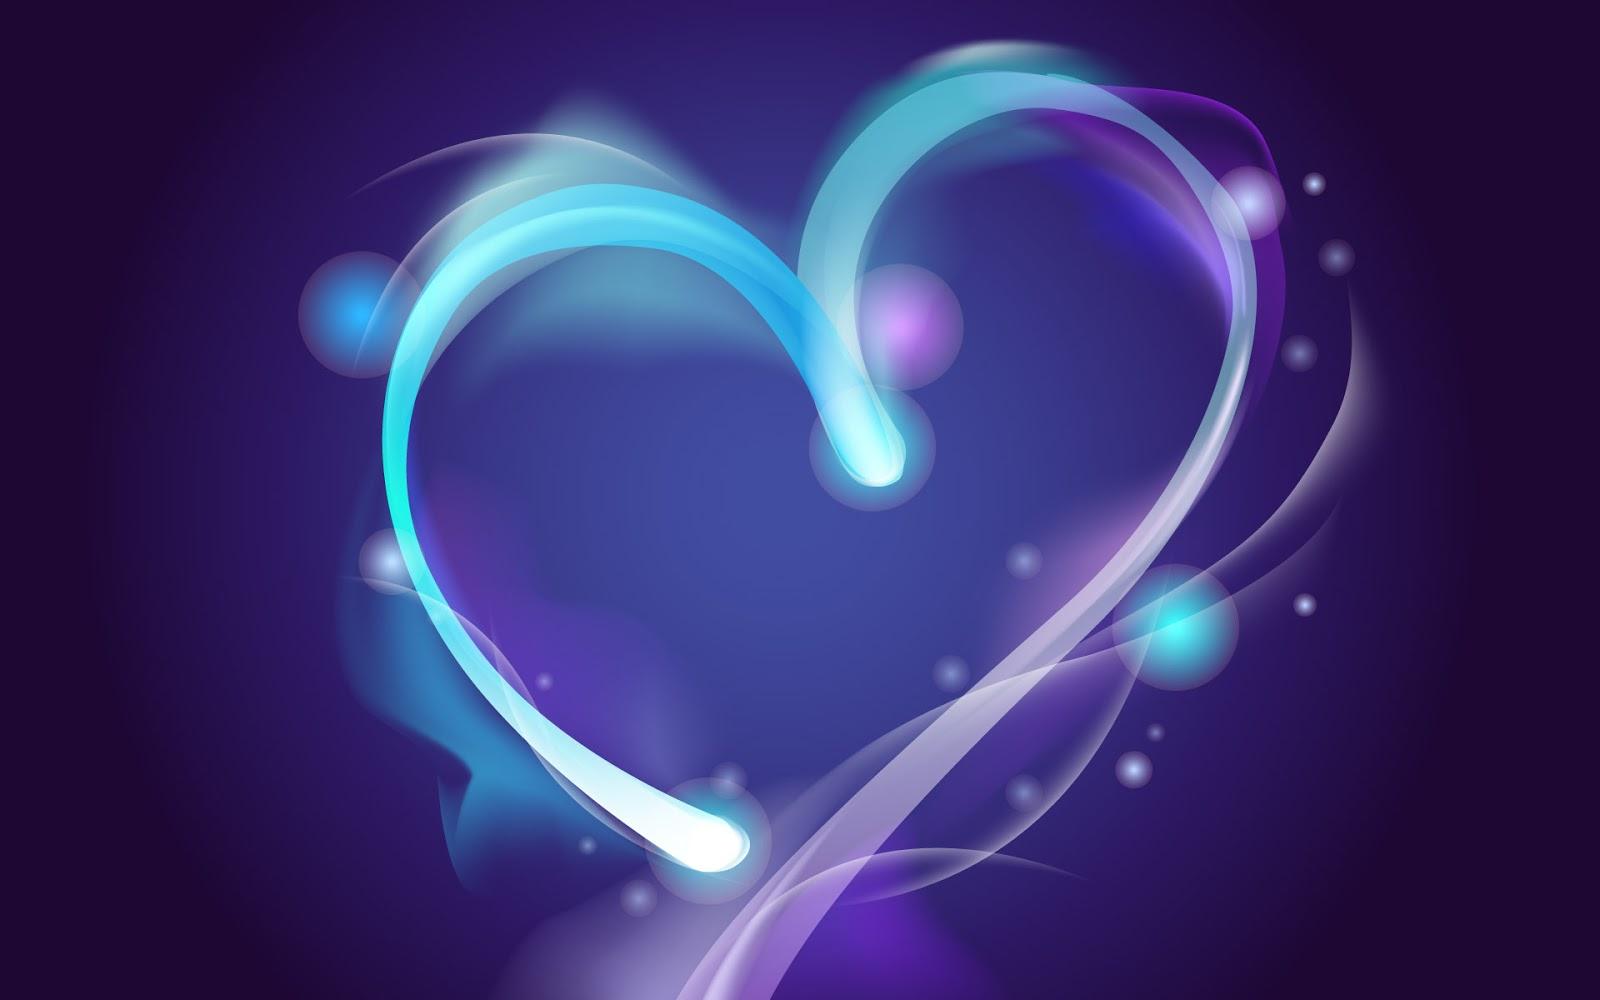 Love Ke Hd Wallpaper : 88 Gambar cinta, Hati, Love, Romantis